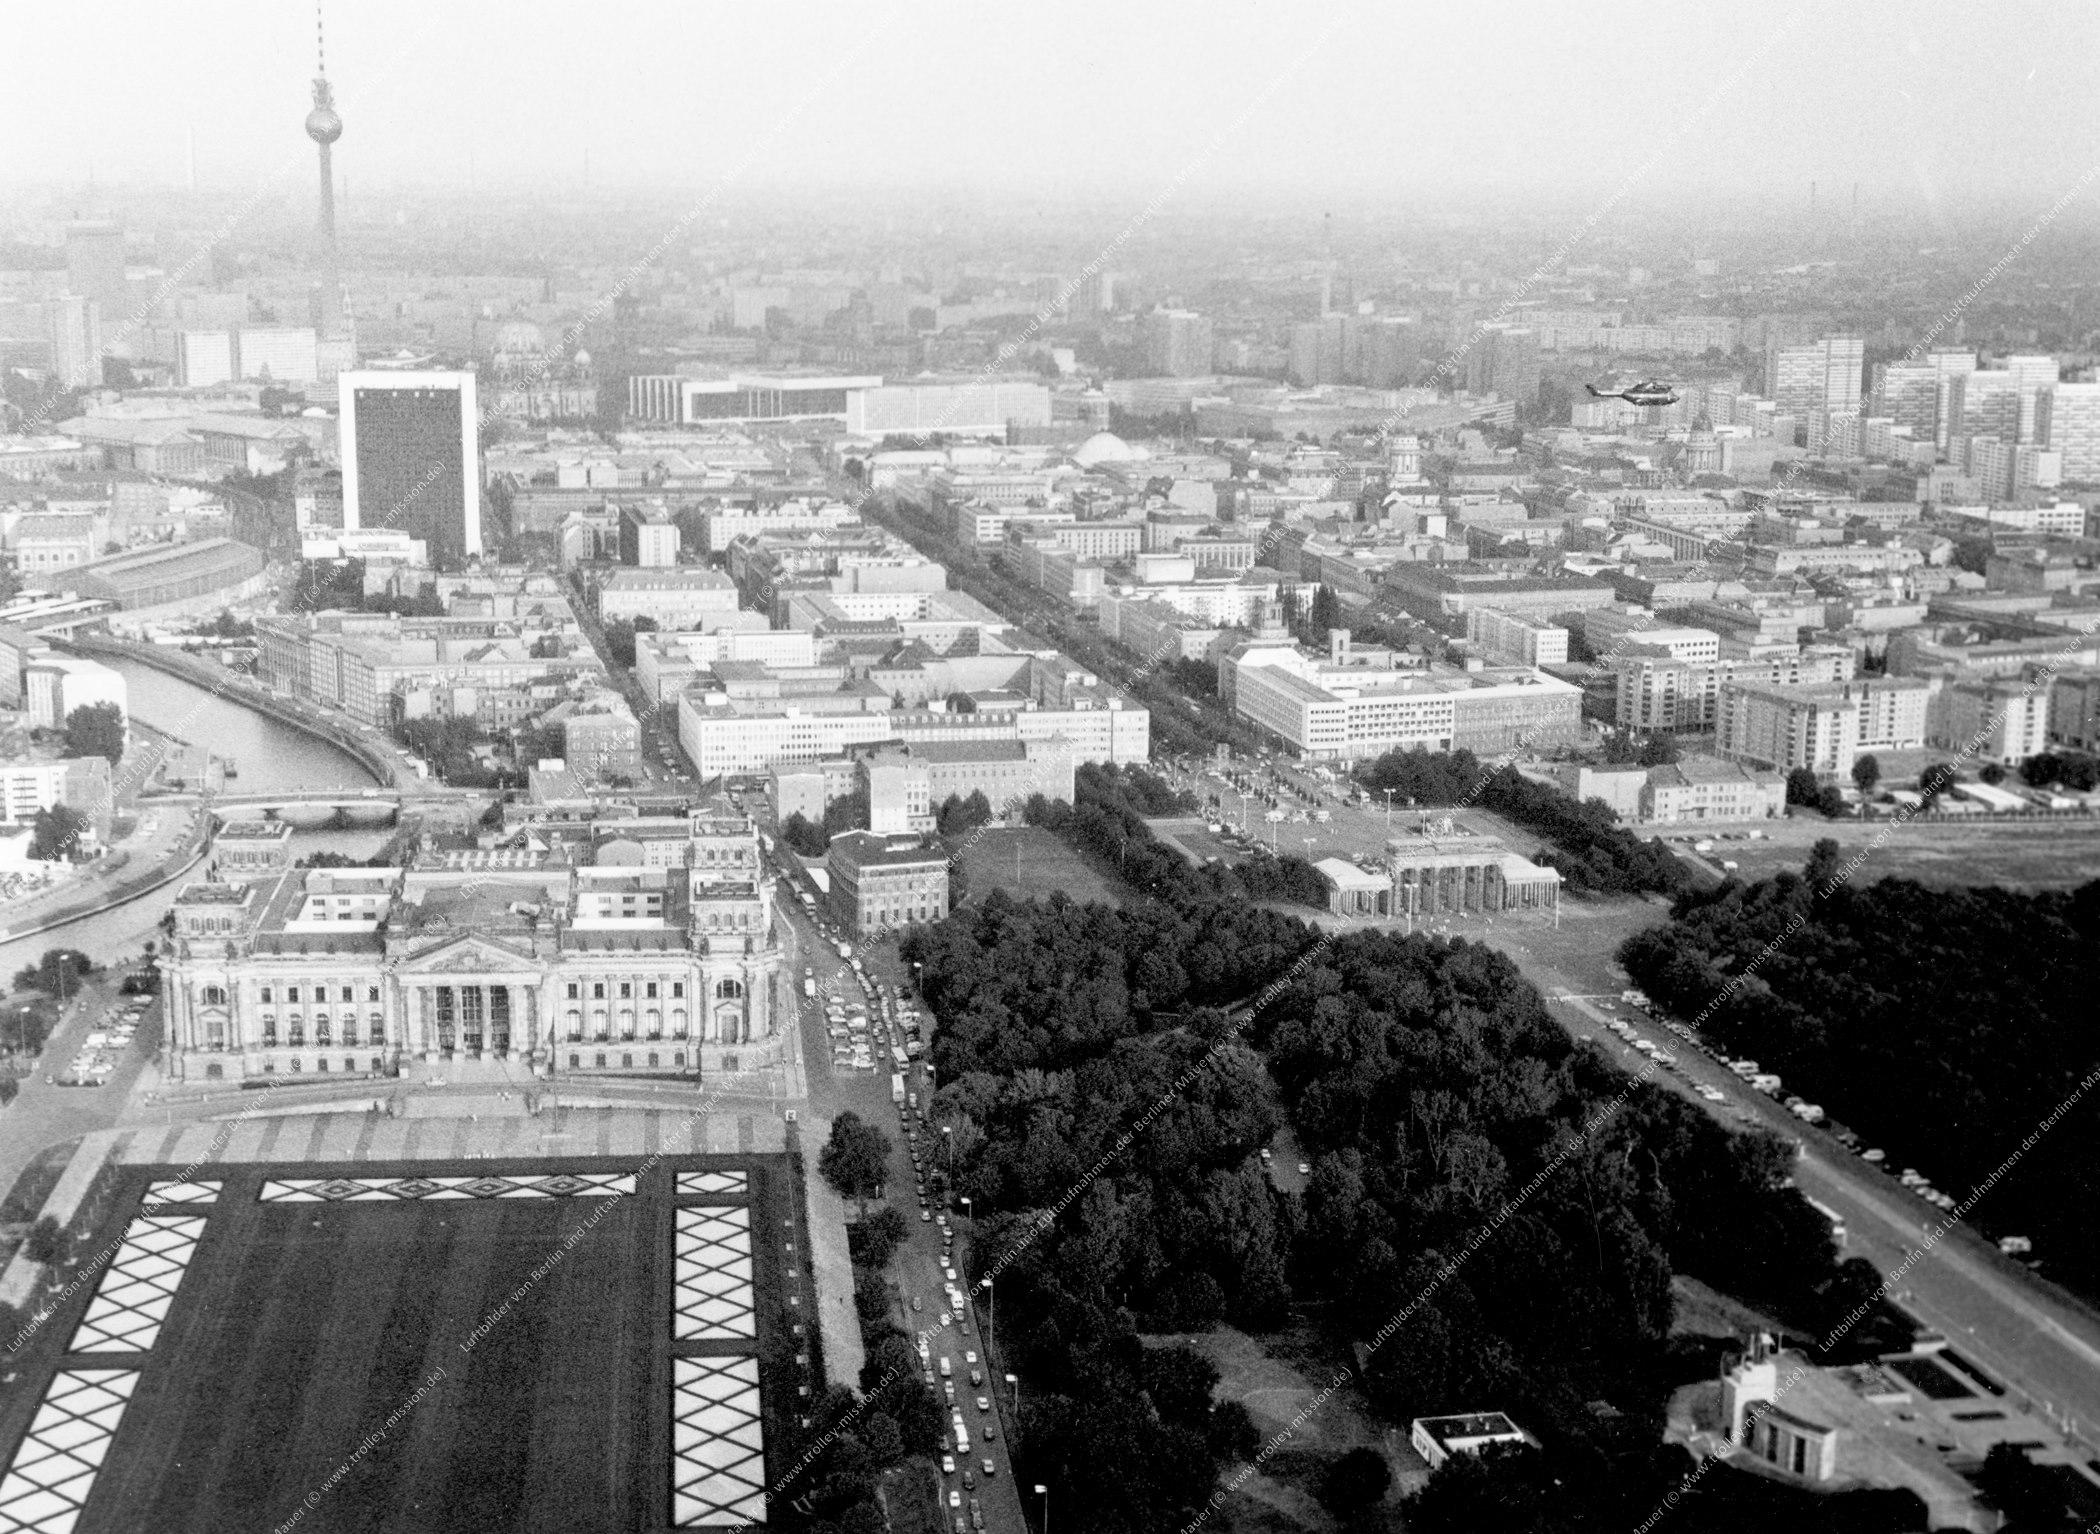 Reichstag in Berlin - Luftbild nach der deutschen Wiedervereinigung (Bild 125)